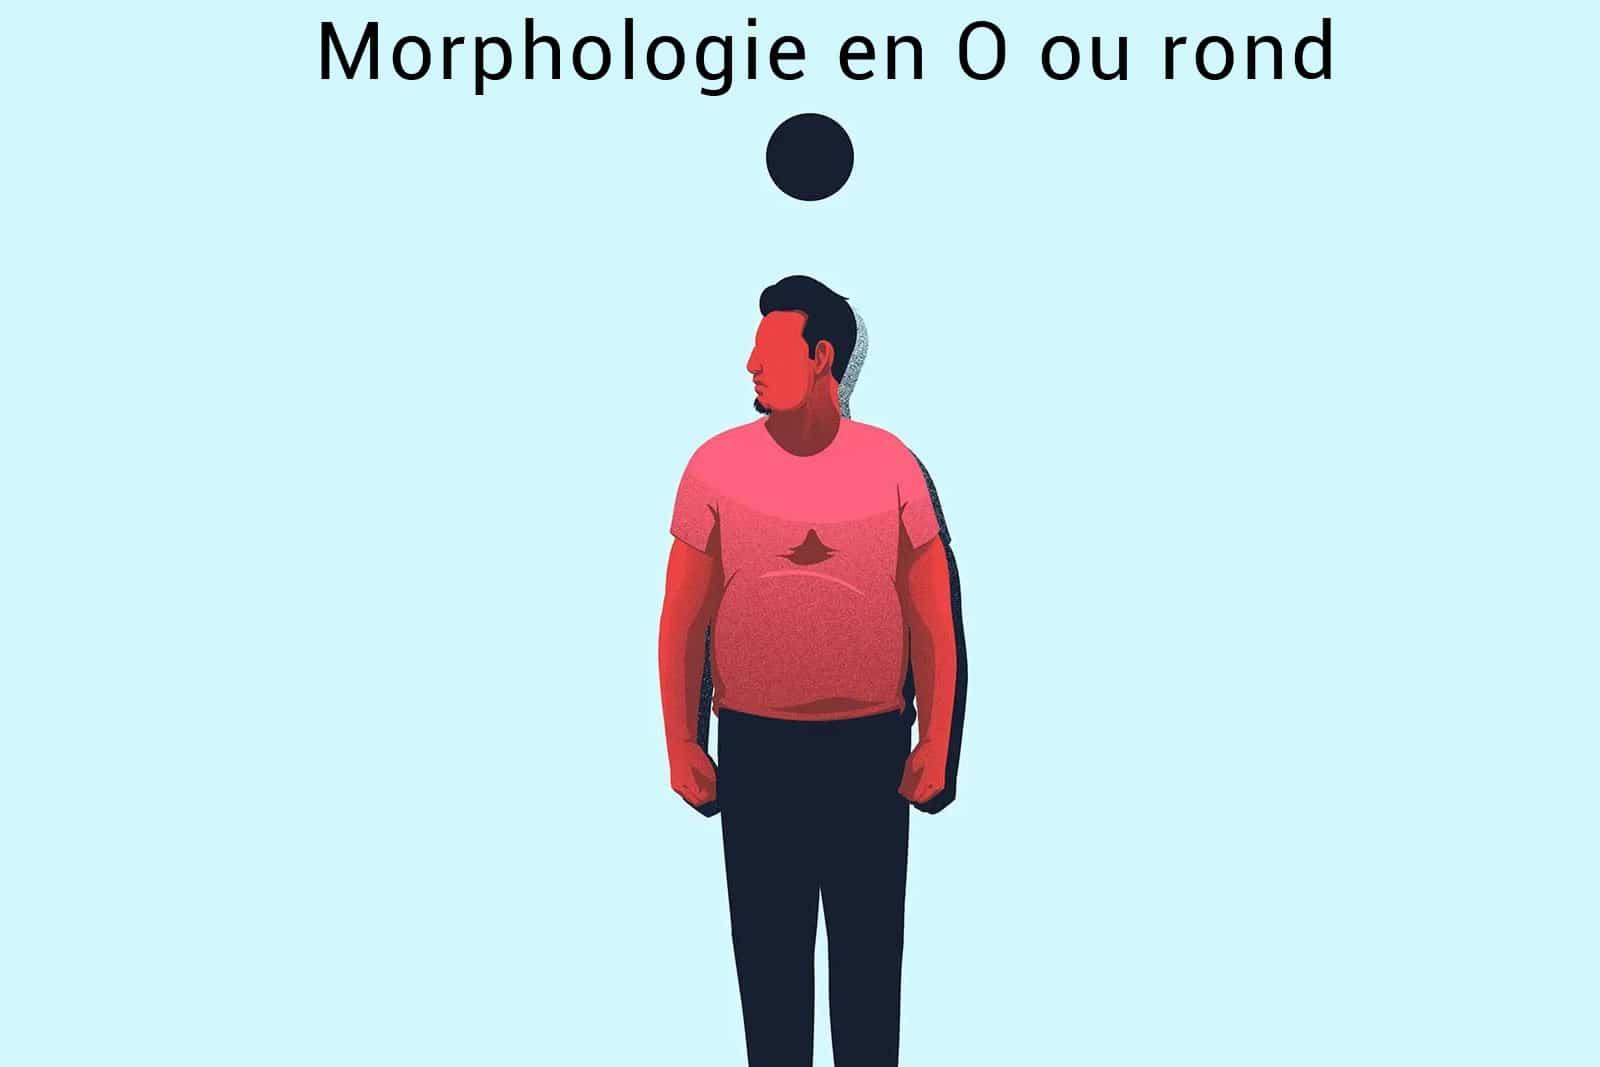 morphologie en O homme